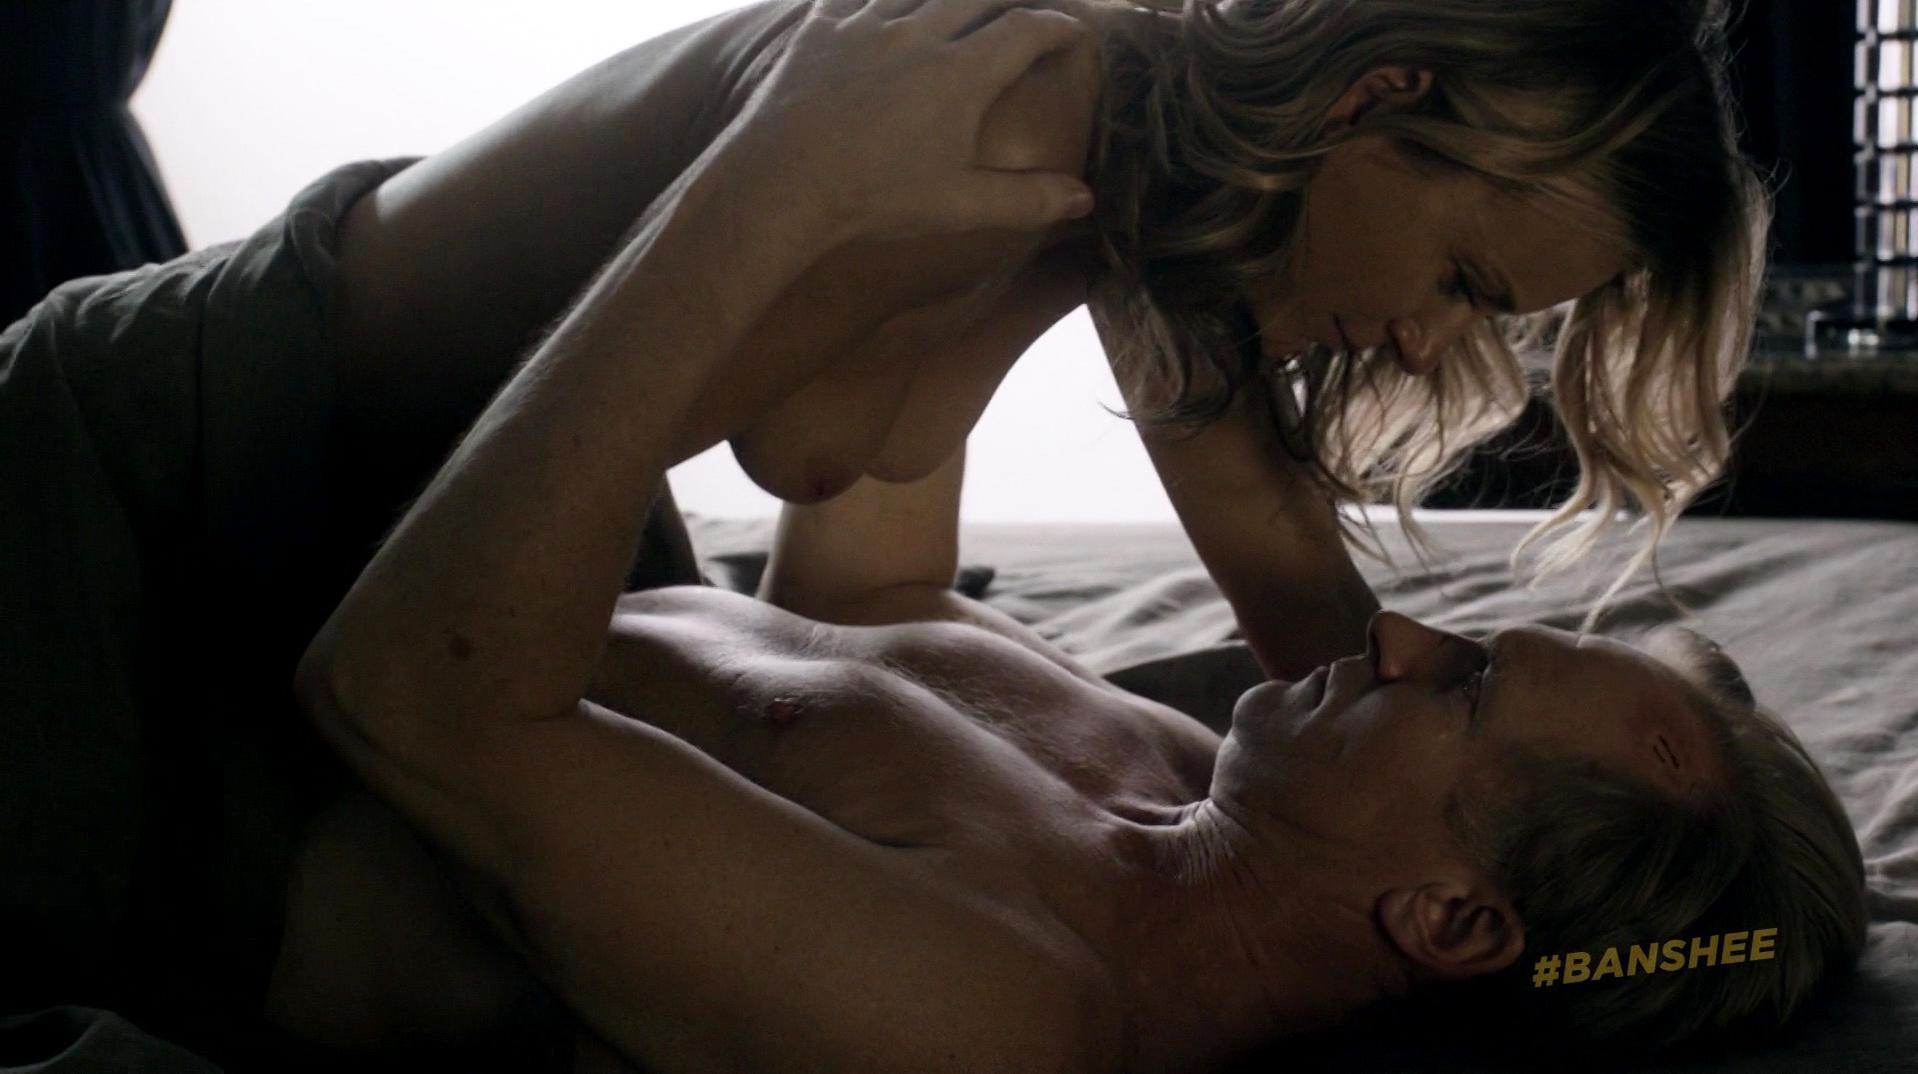 Tanya Clarke nude - Banshee s03e06 (2015)